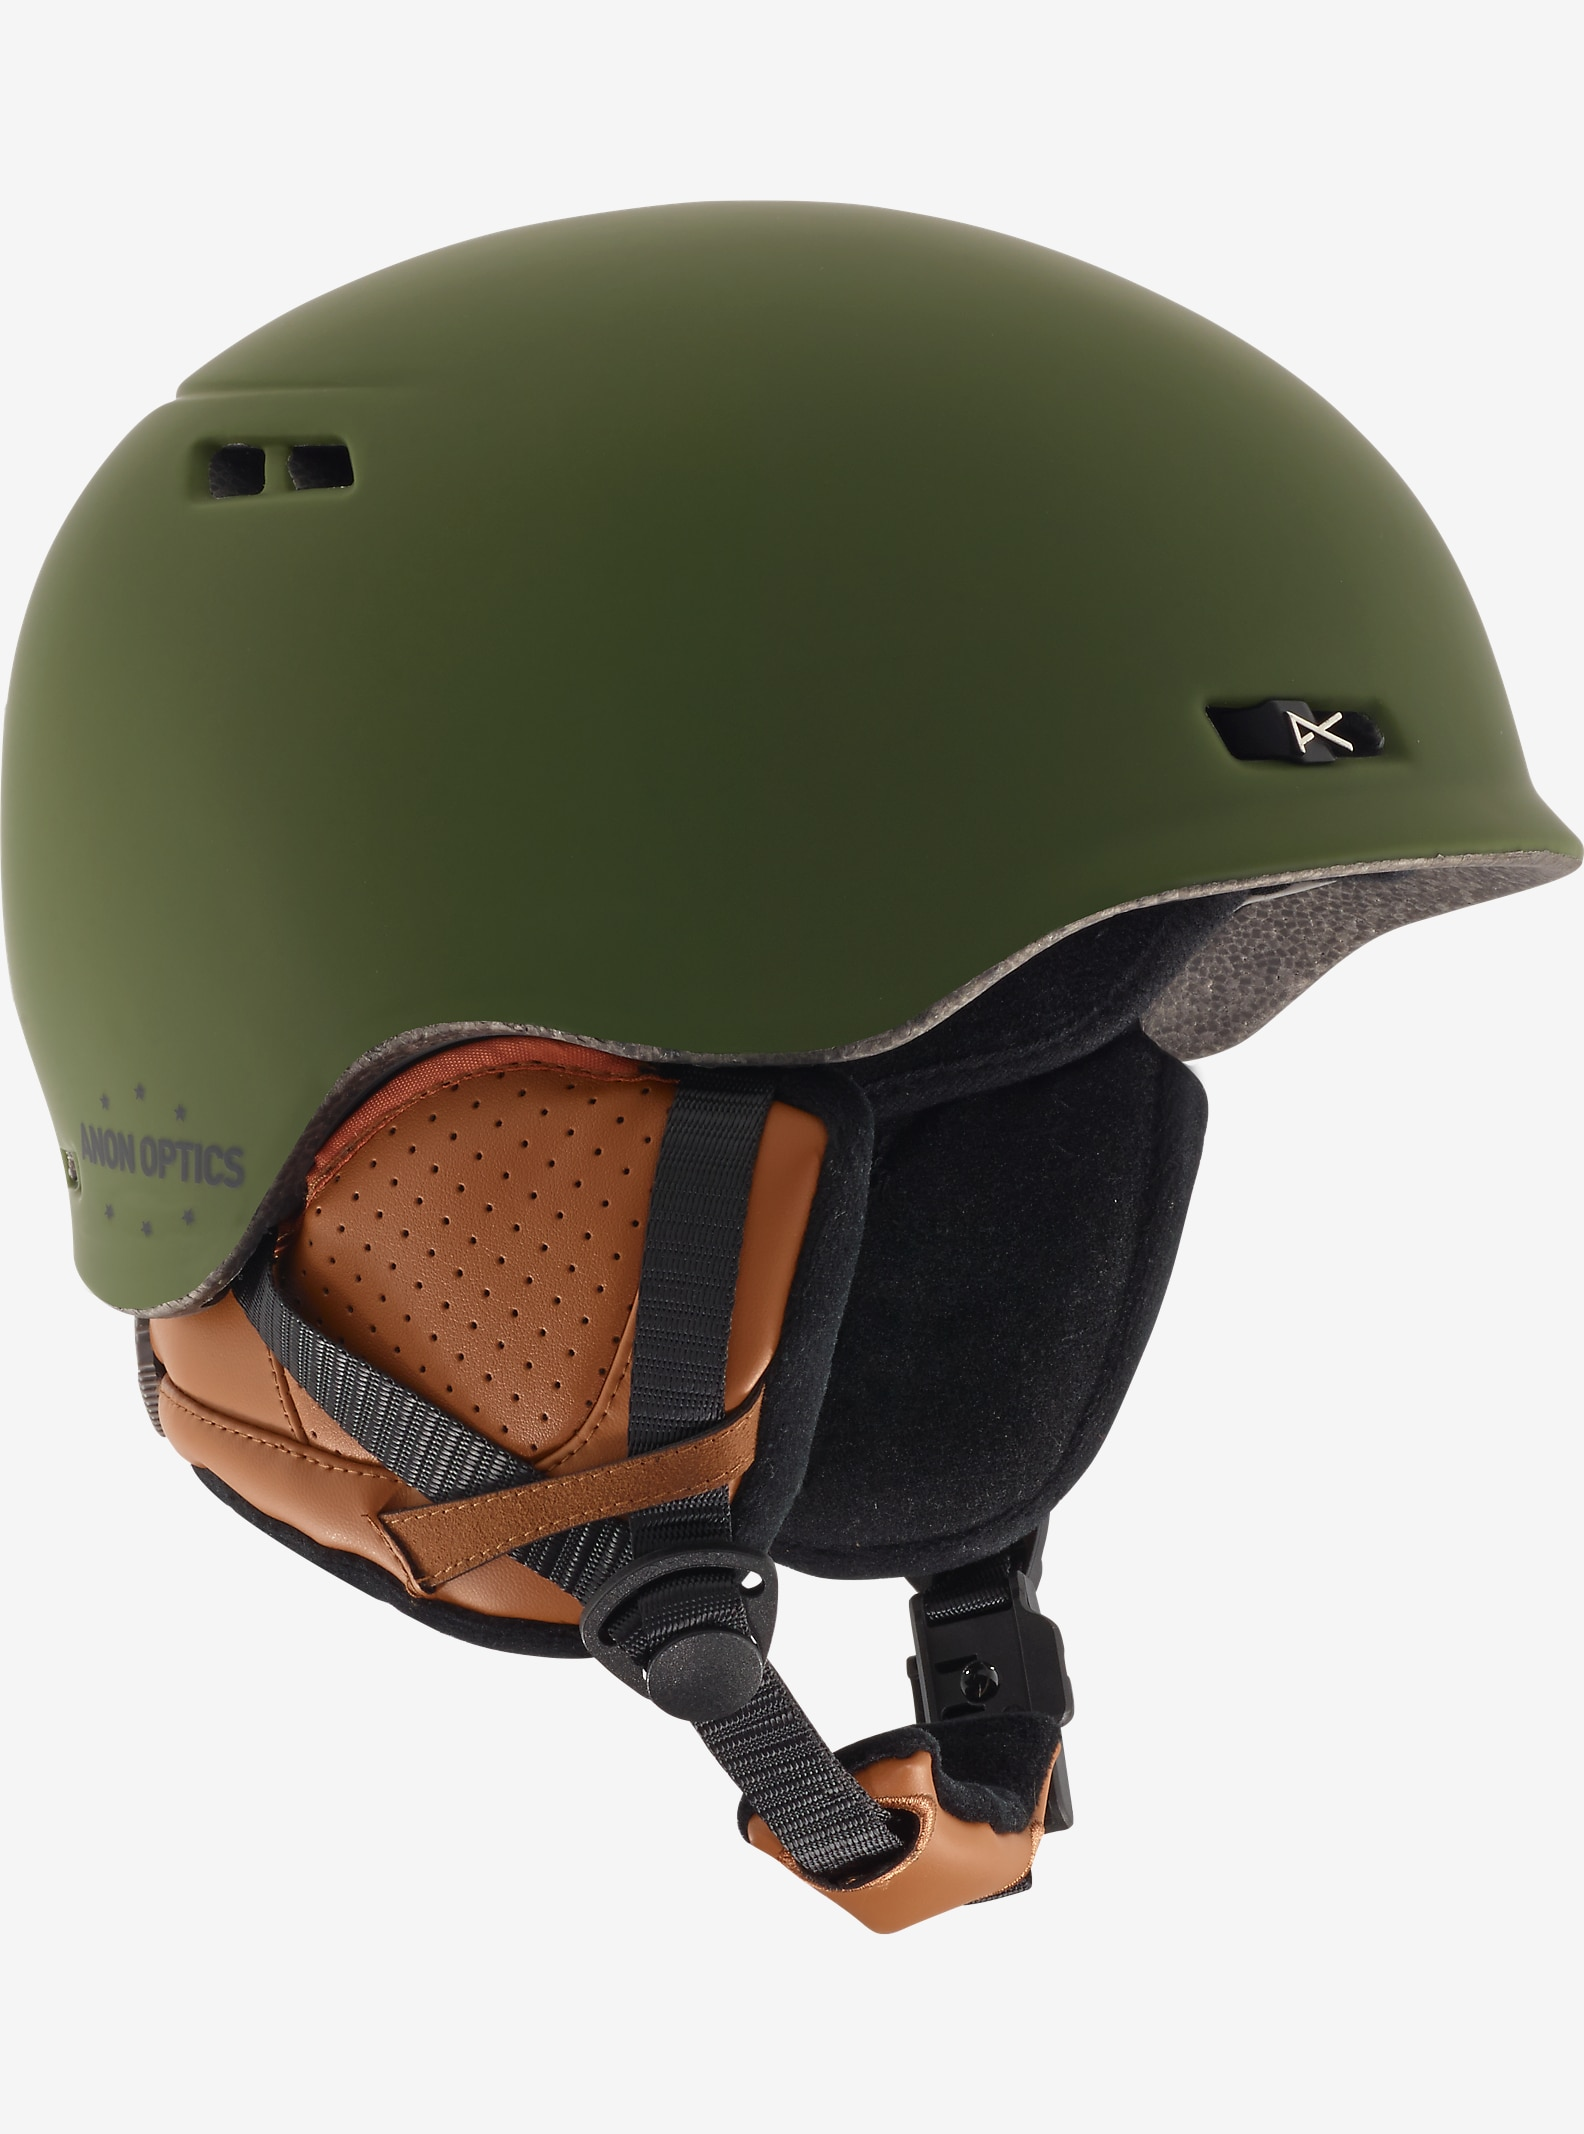 anon. Rodan Helmet shown in Green